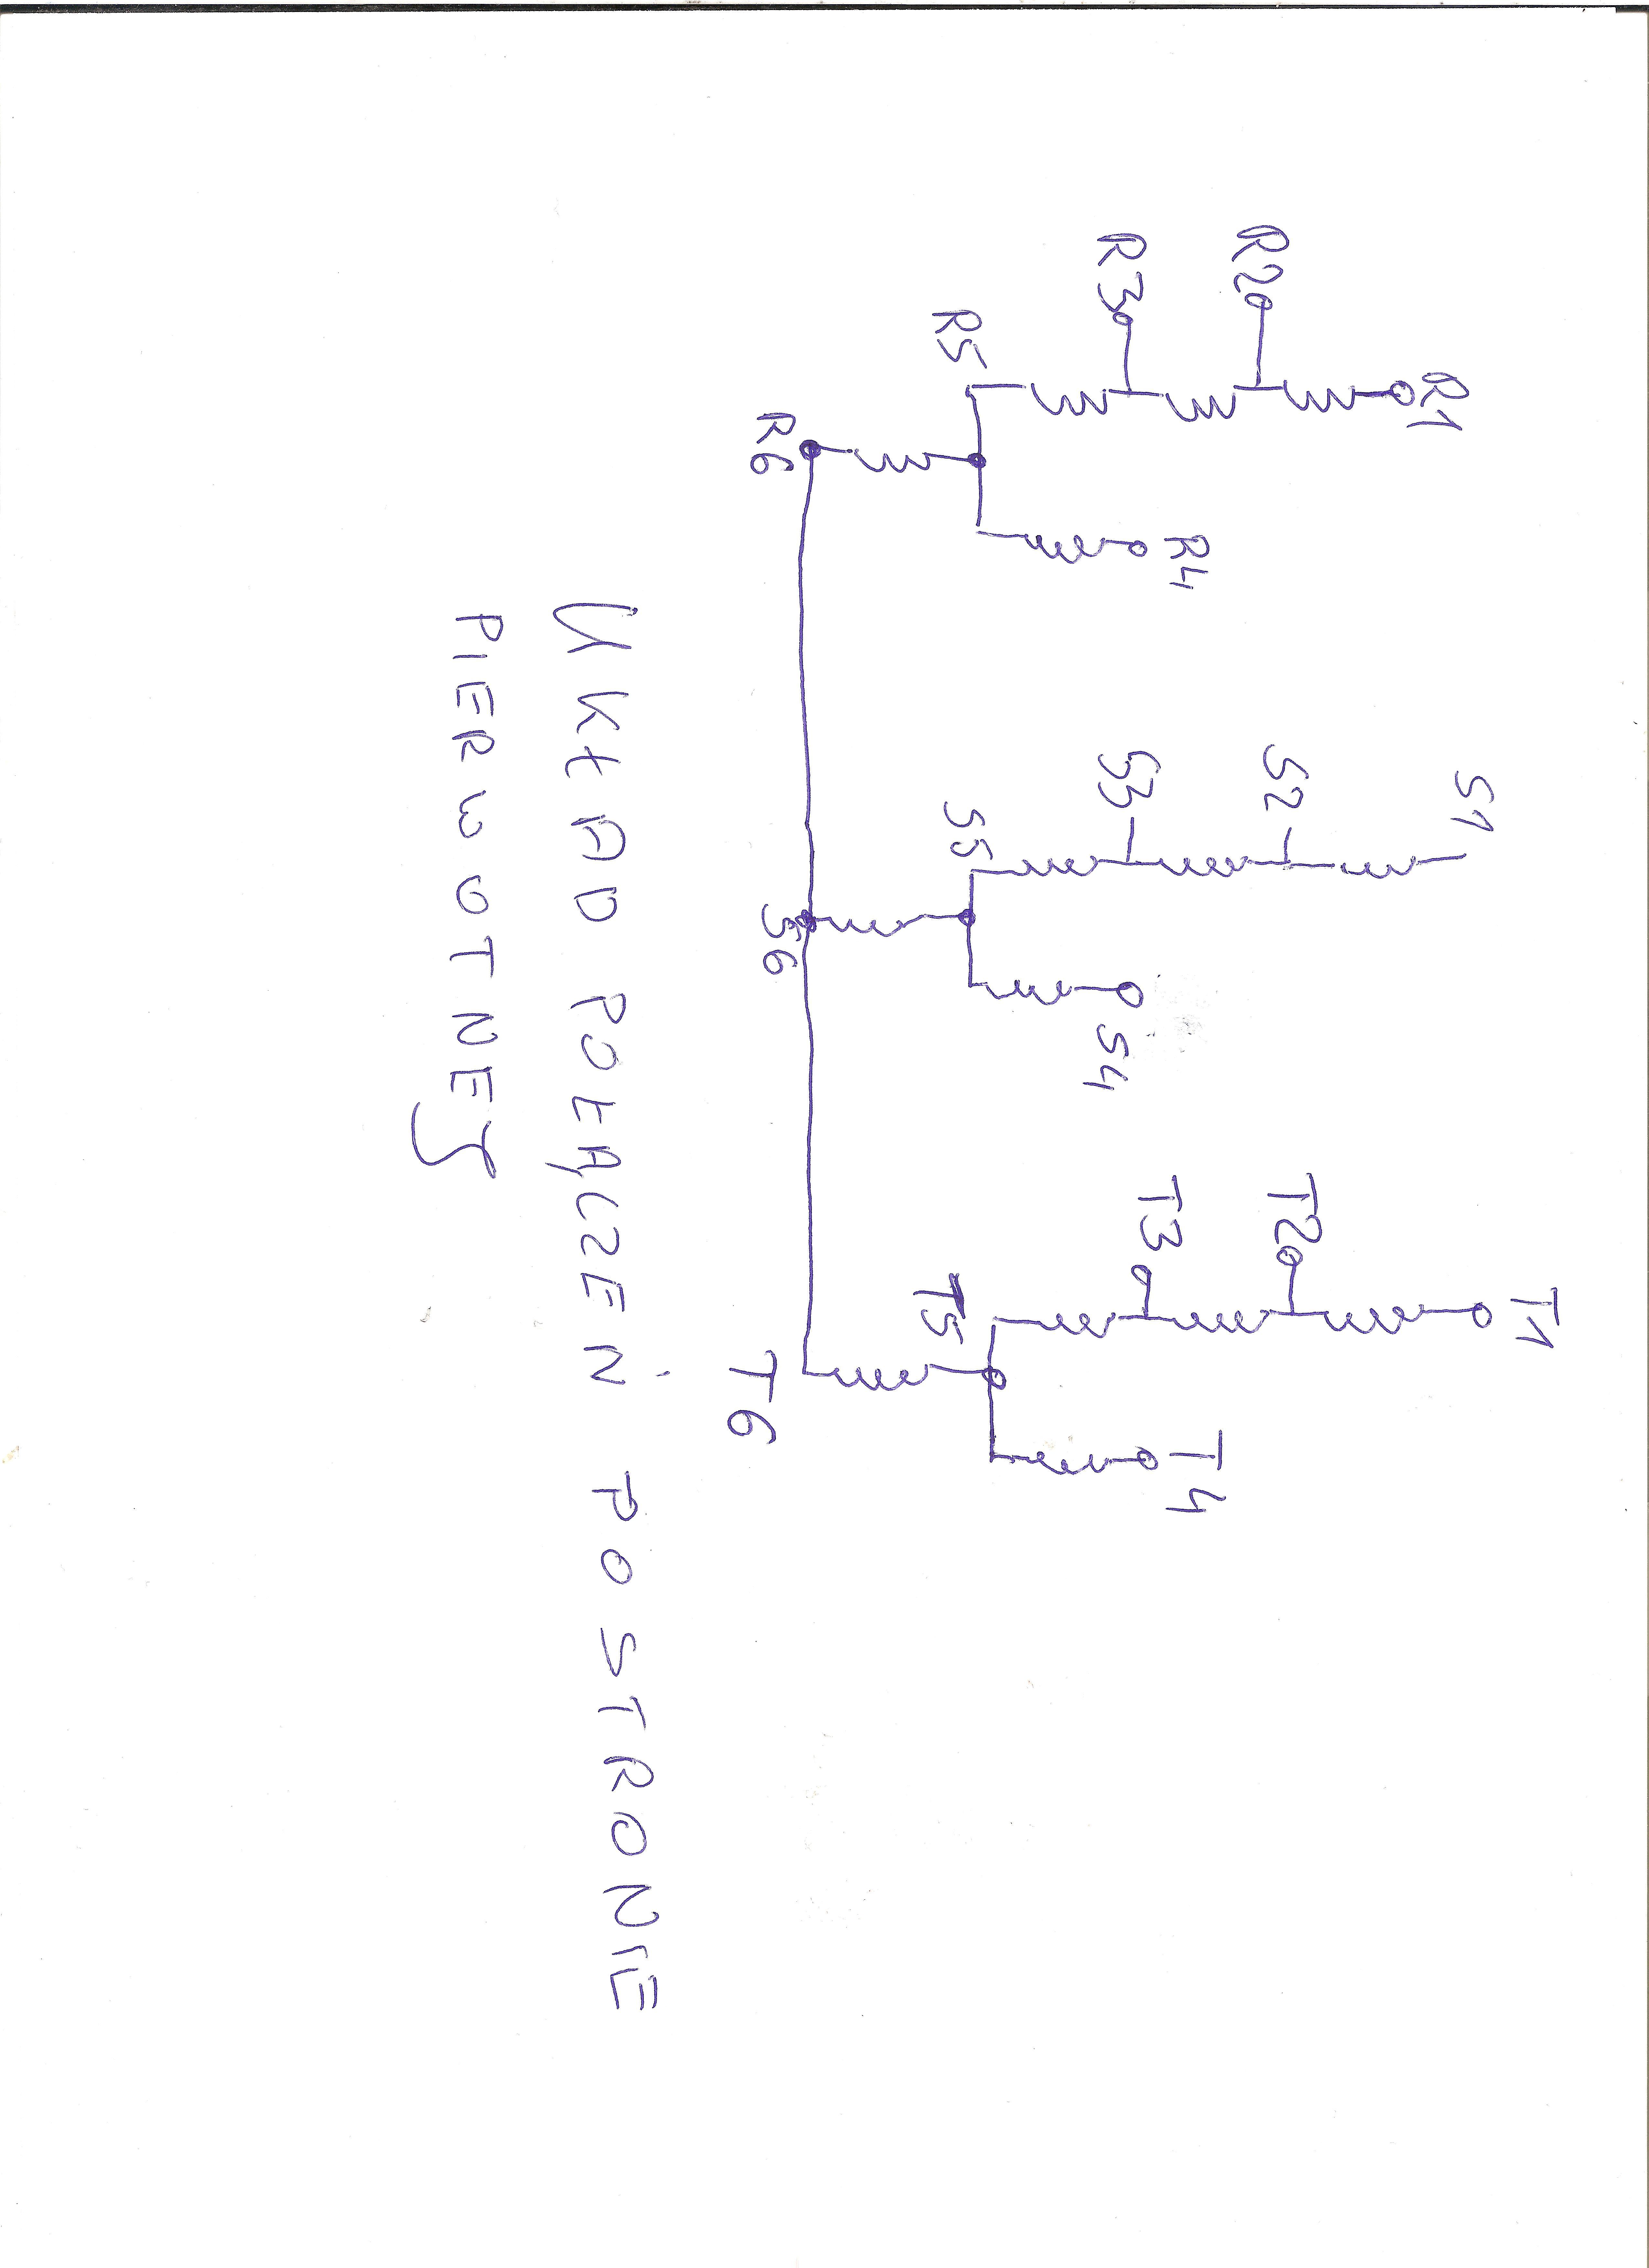 Szukam schematu spawarki Telwin Mastermig 253.